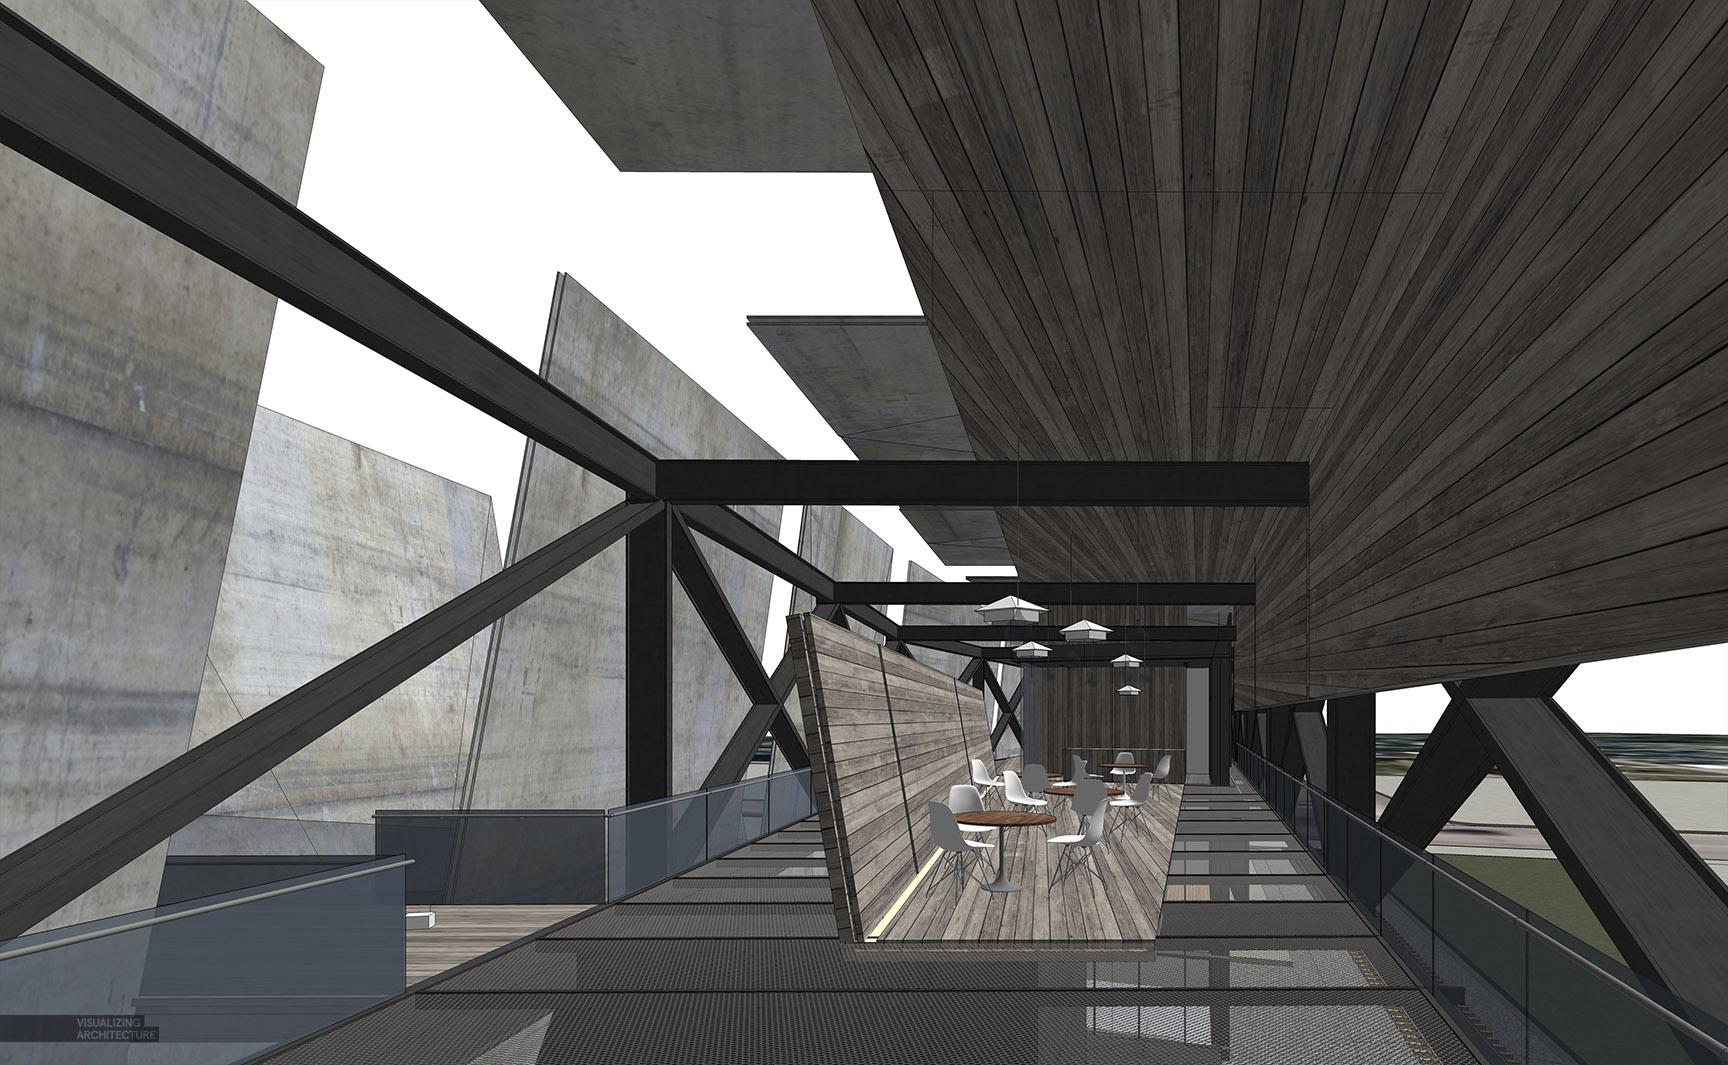 Train_Interior_2_SU_Textures